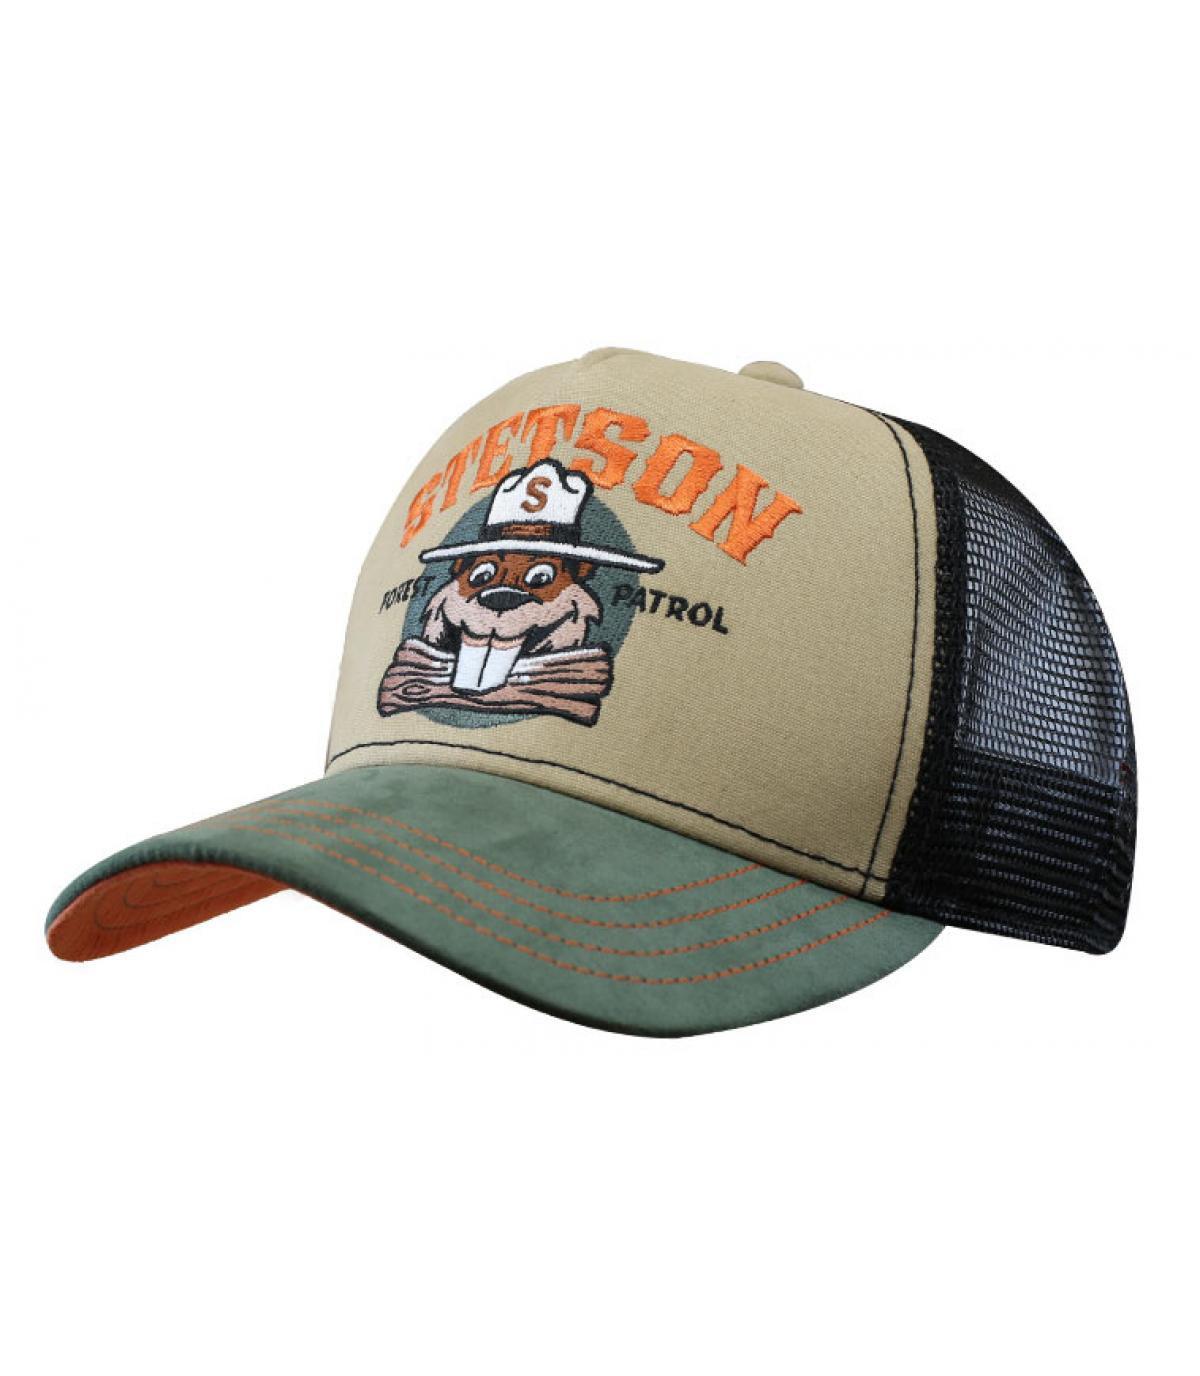 Stetson beaver trucker cap